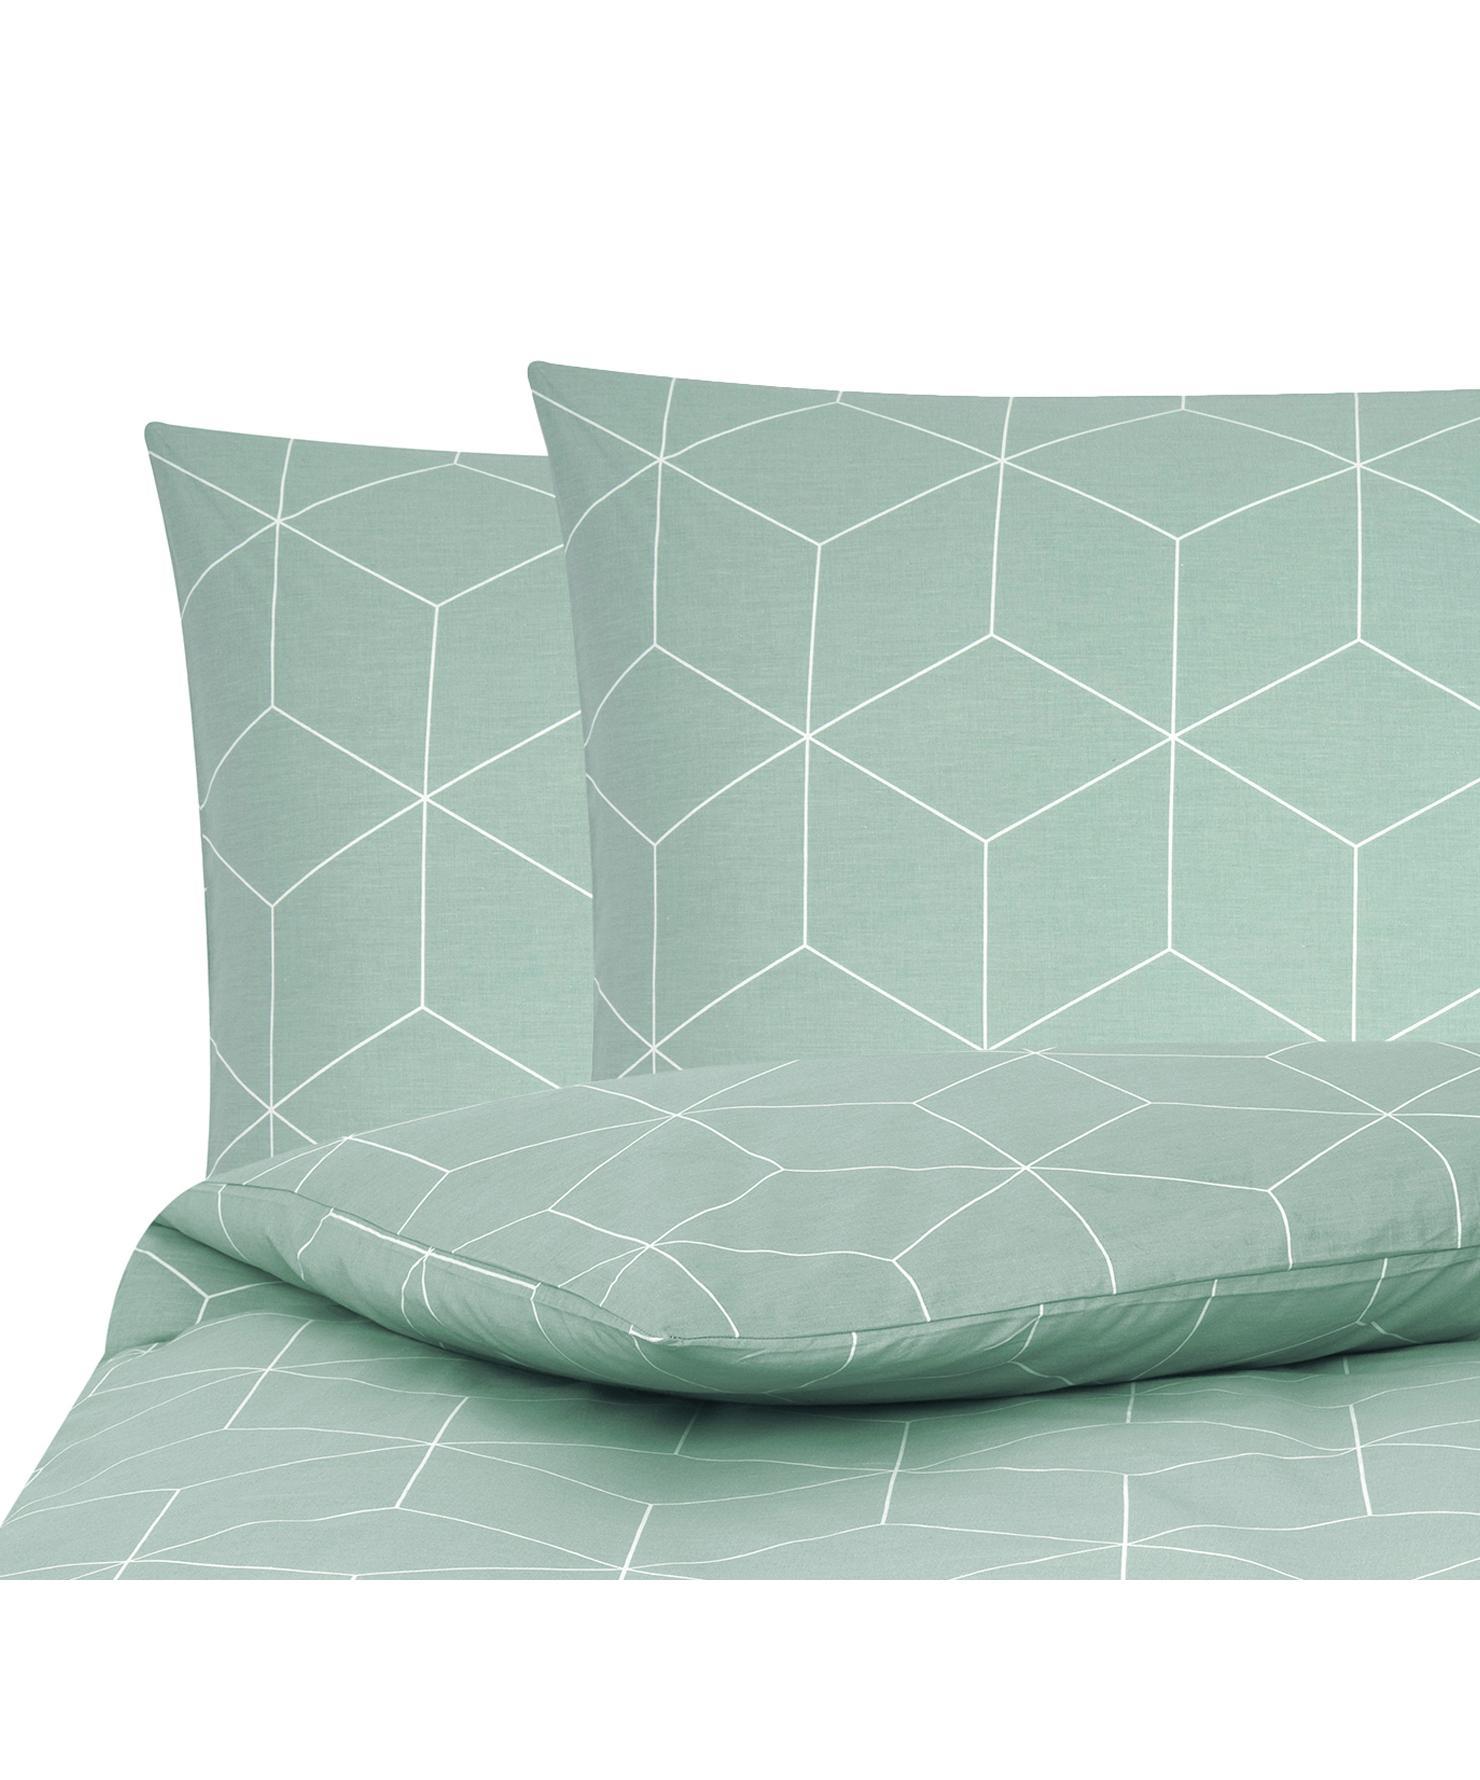 Baumwoll-Bettwäsche Lynn mit grafischem Muster, Webart: Renforcé Fadendichte 144 , Mint, Cremeweiß, 200 x 200 cm + 2 Kissen 80 x 80 cm